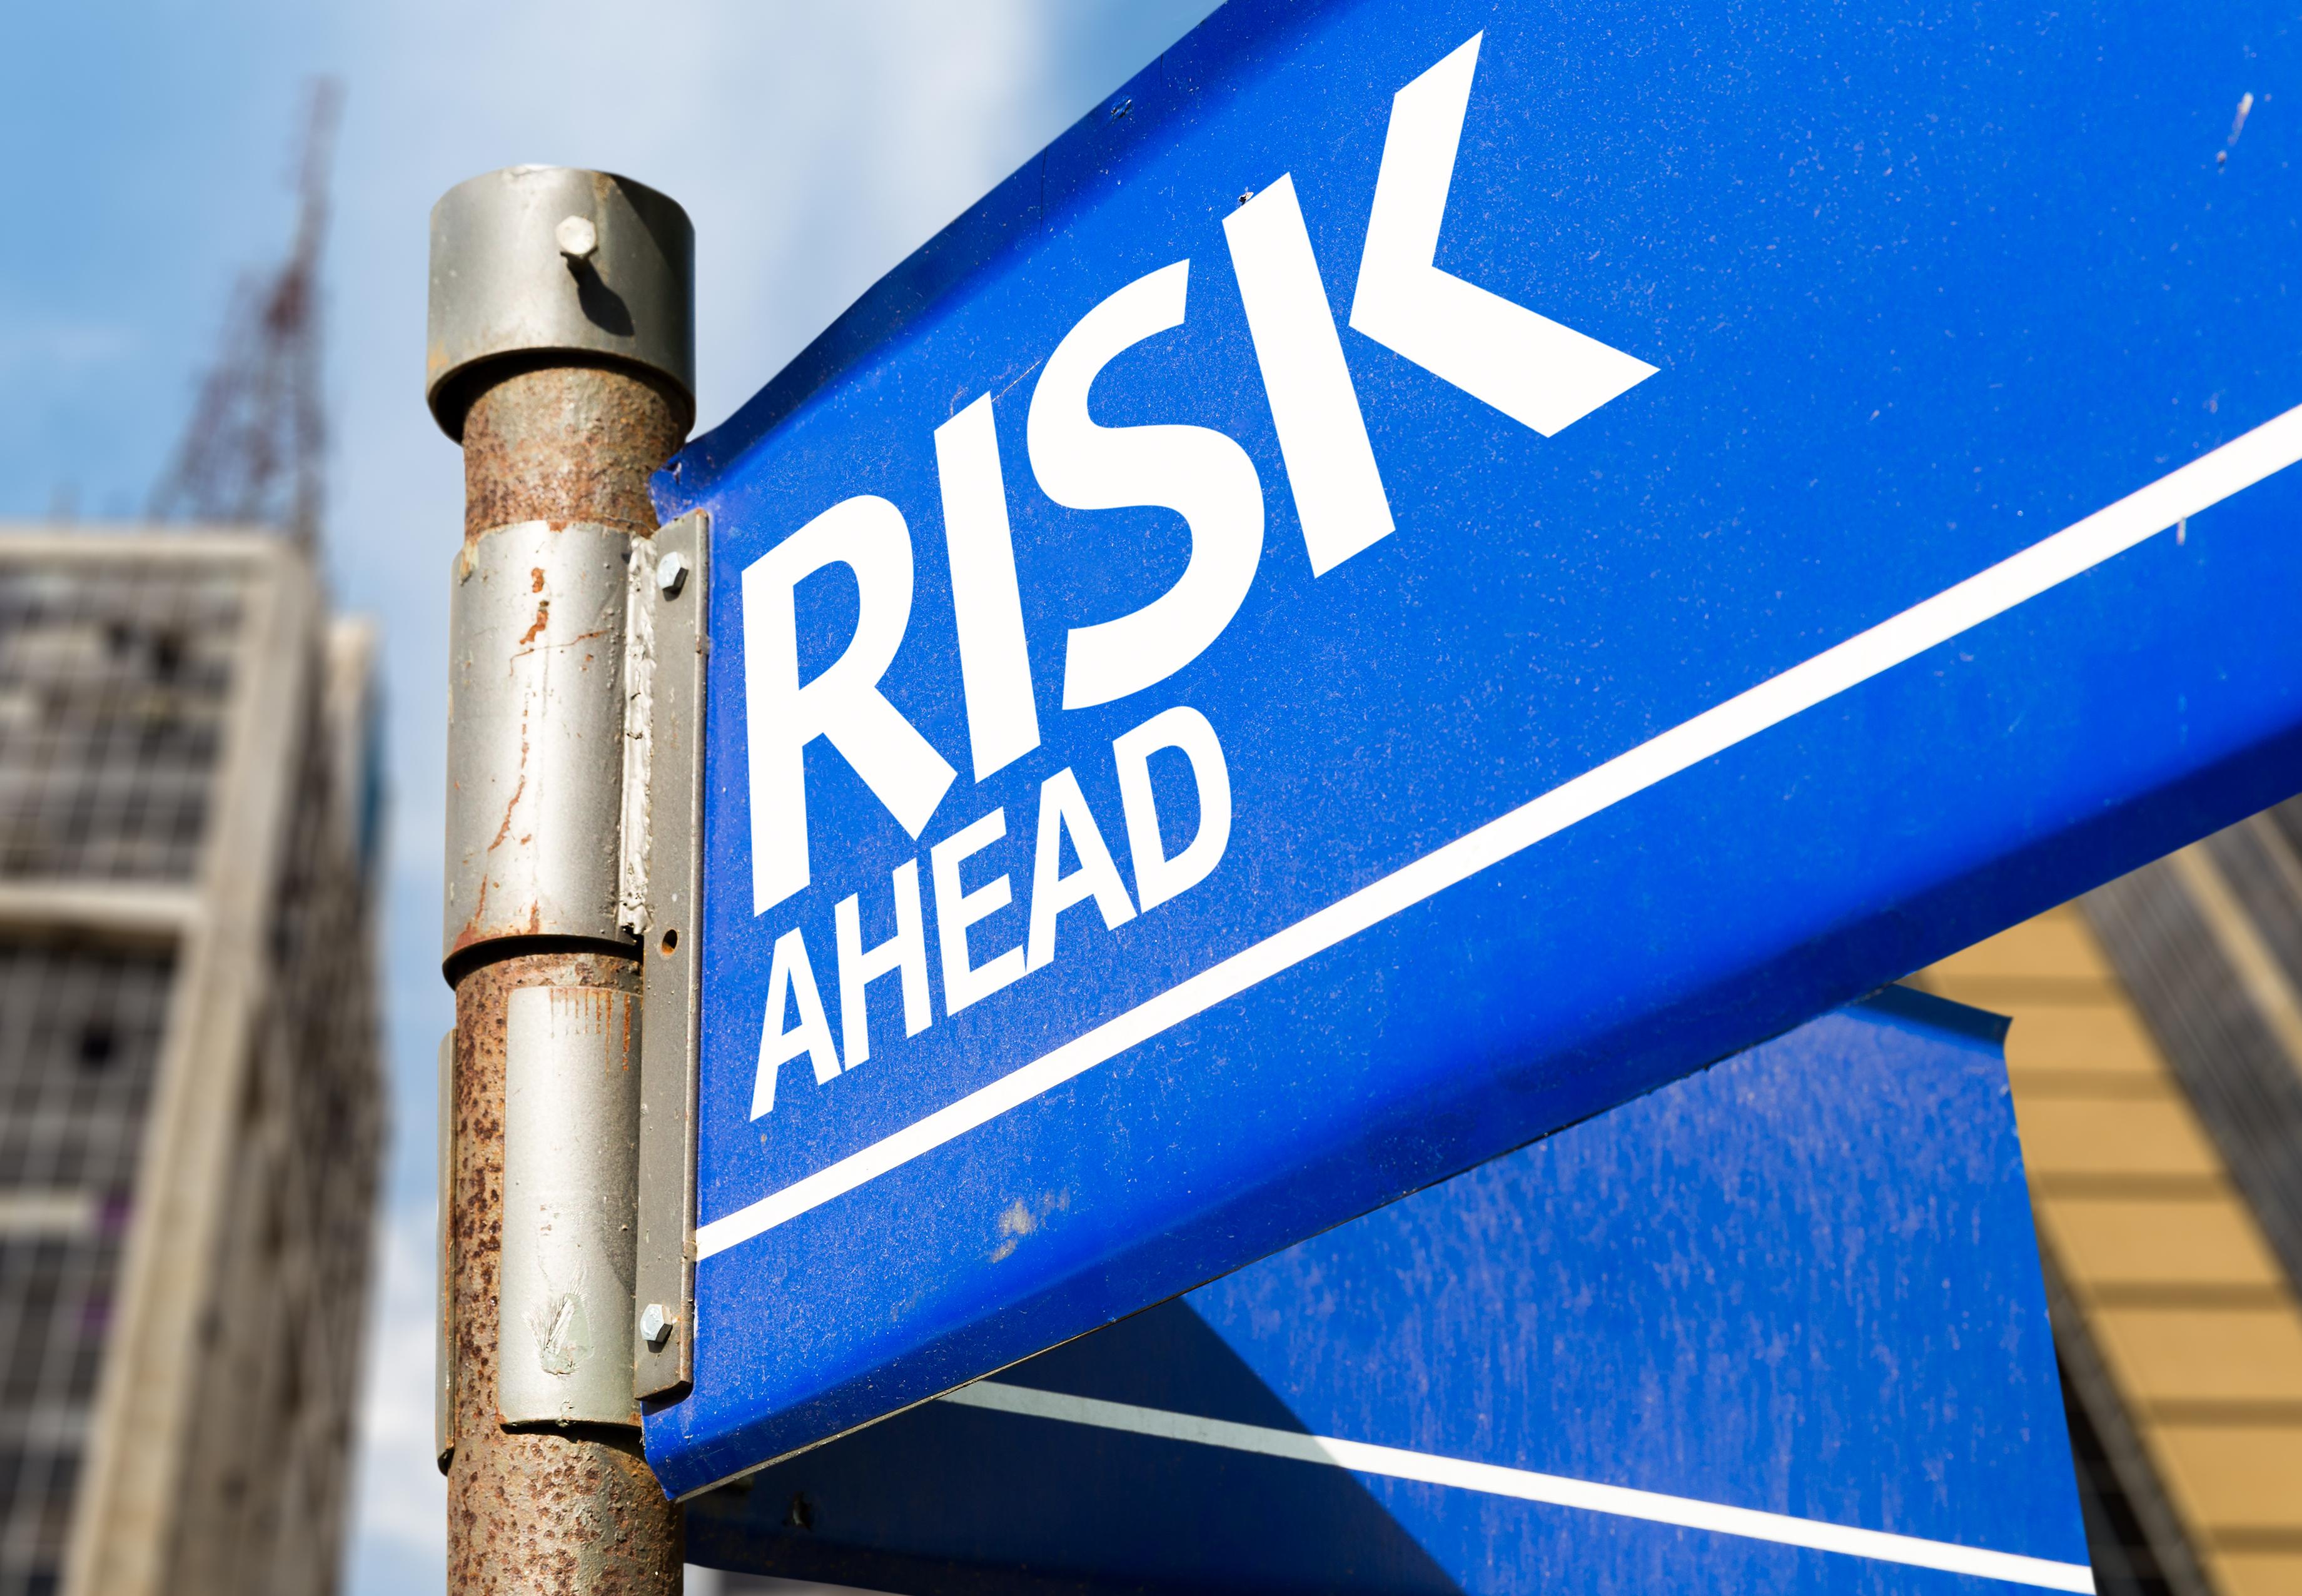 A board with Risk ahead written on it